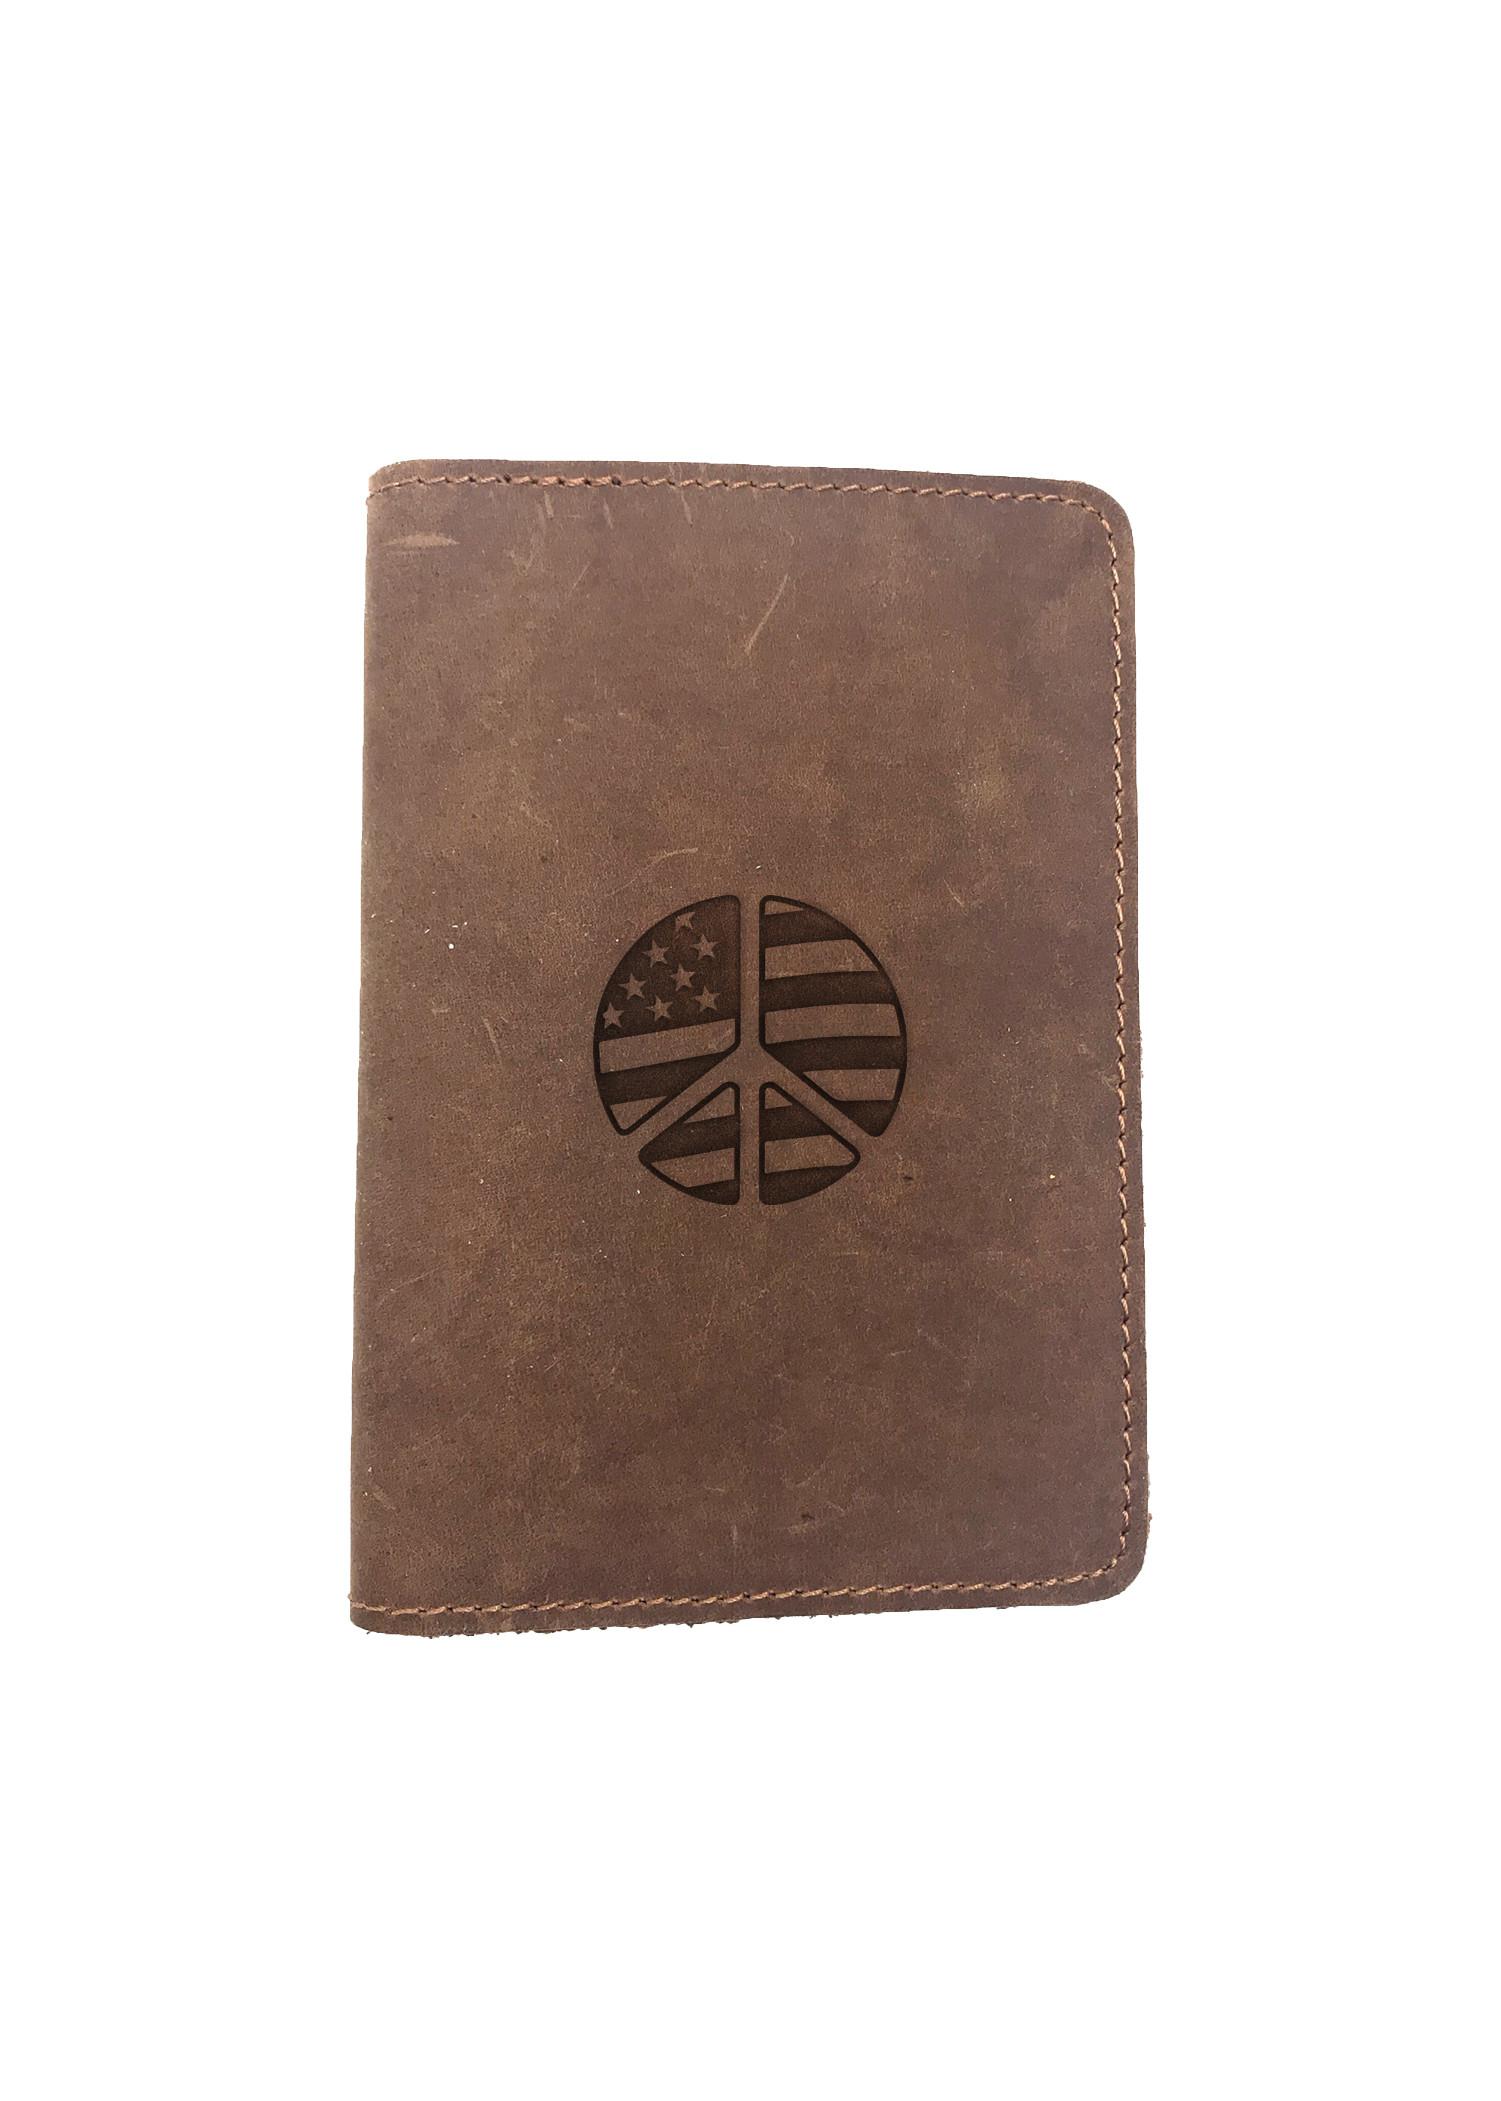 Passport Cover Bao Da Hộ Chiếu Da Sáp Khắc Hình Cờ PEACE FLAG USA (BROWN)